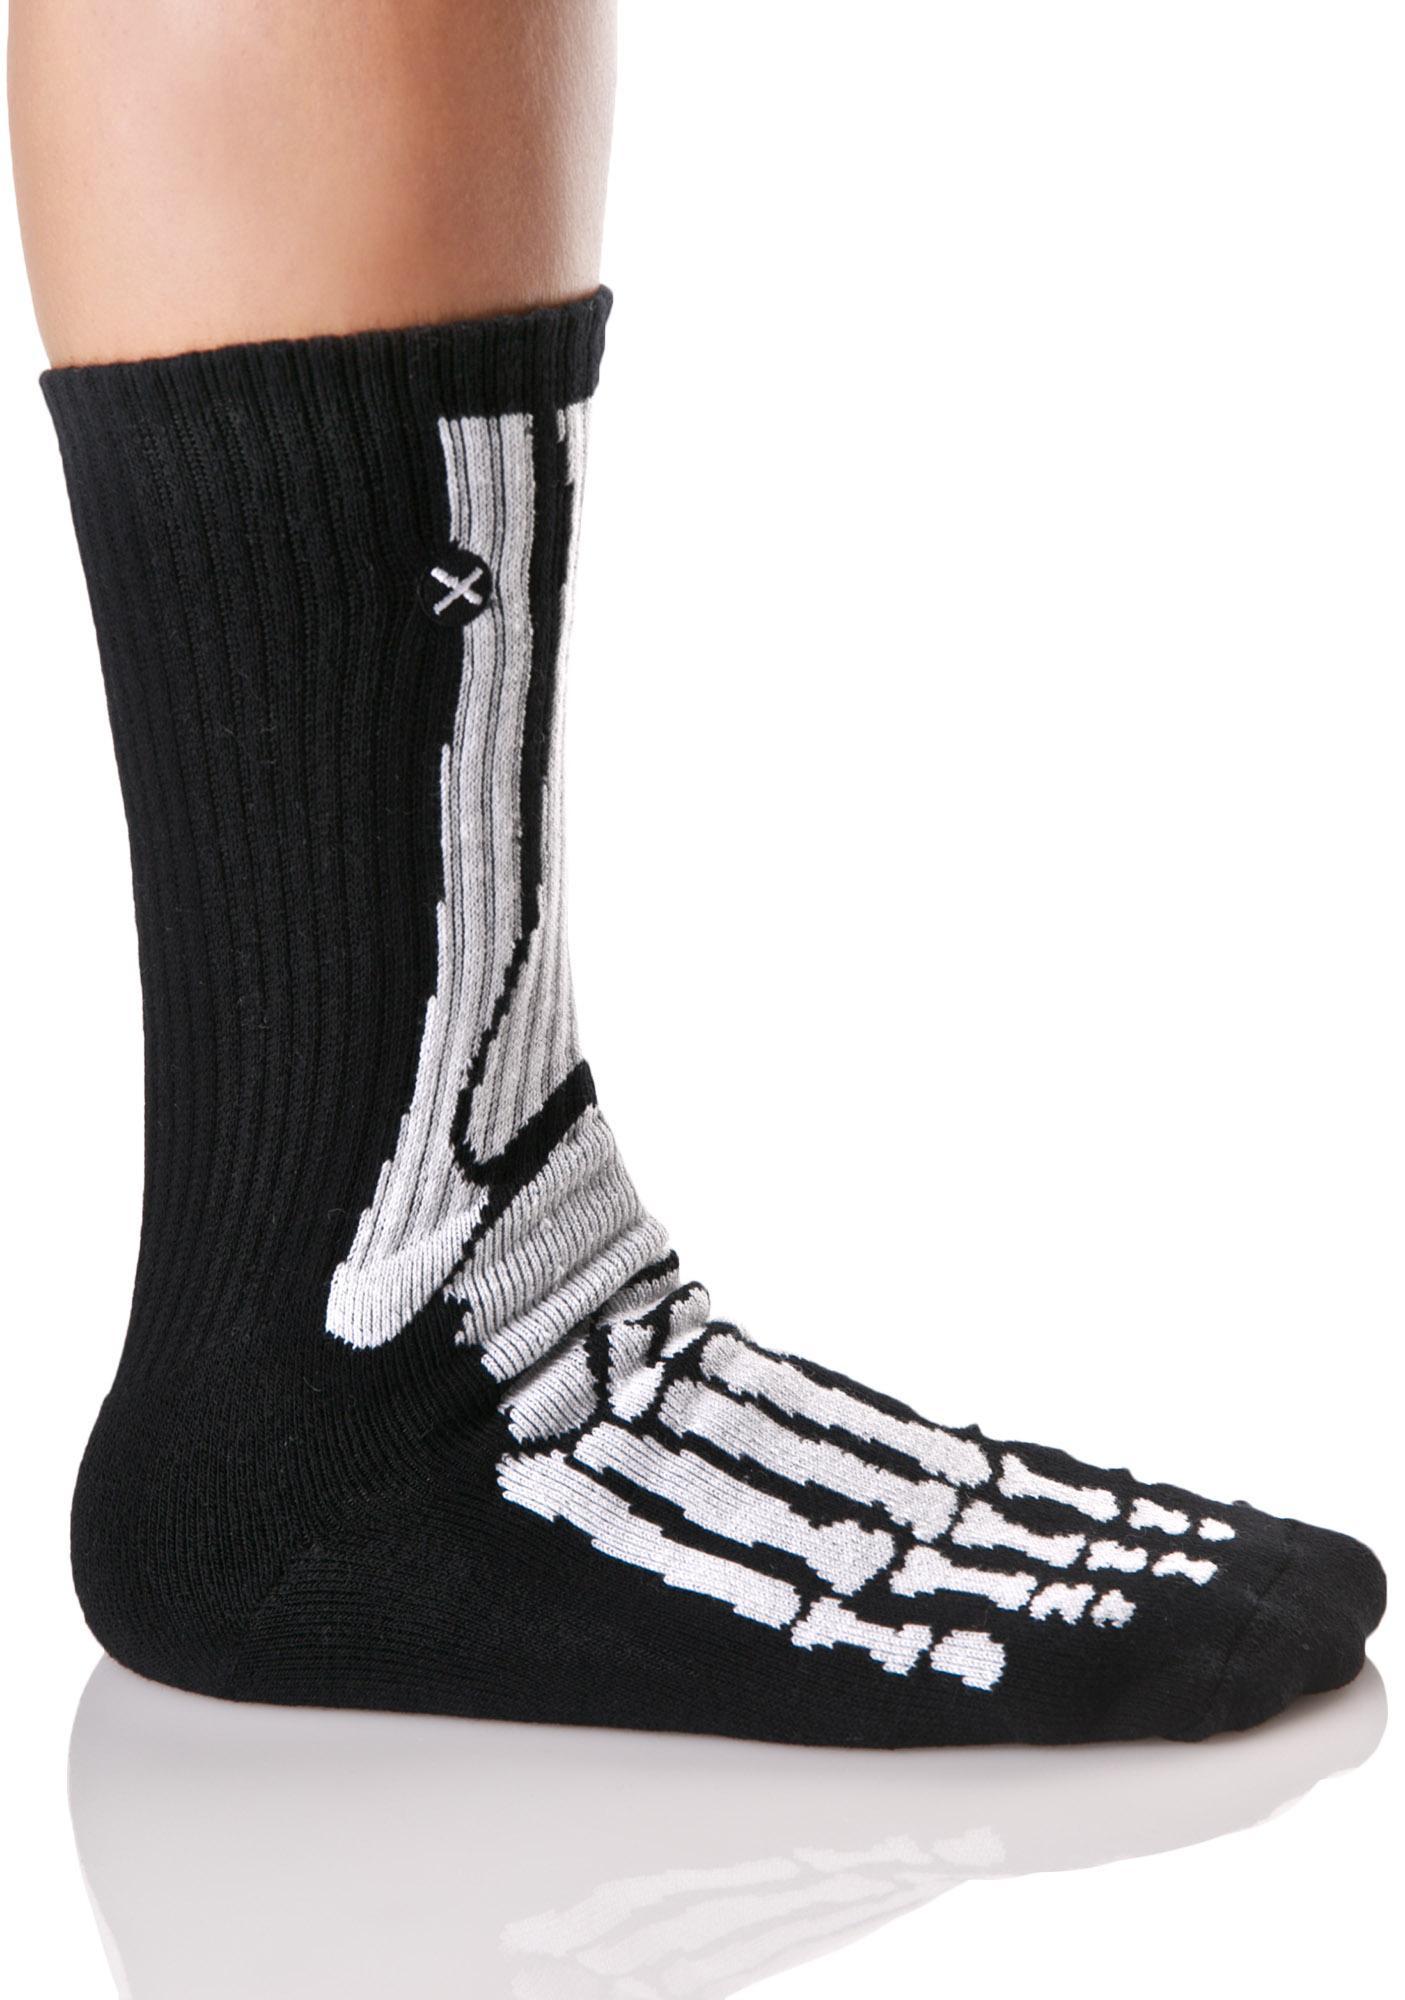 Odd Sox Skeleton Socks